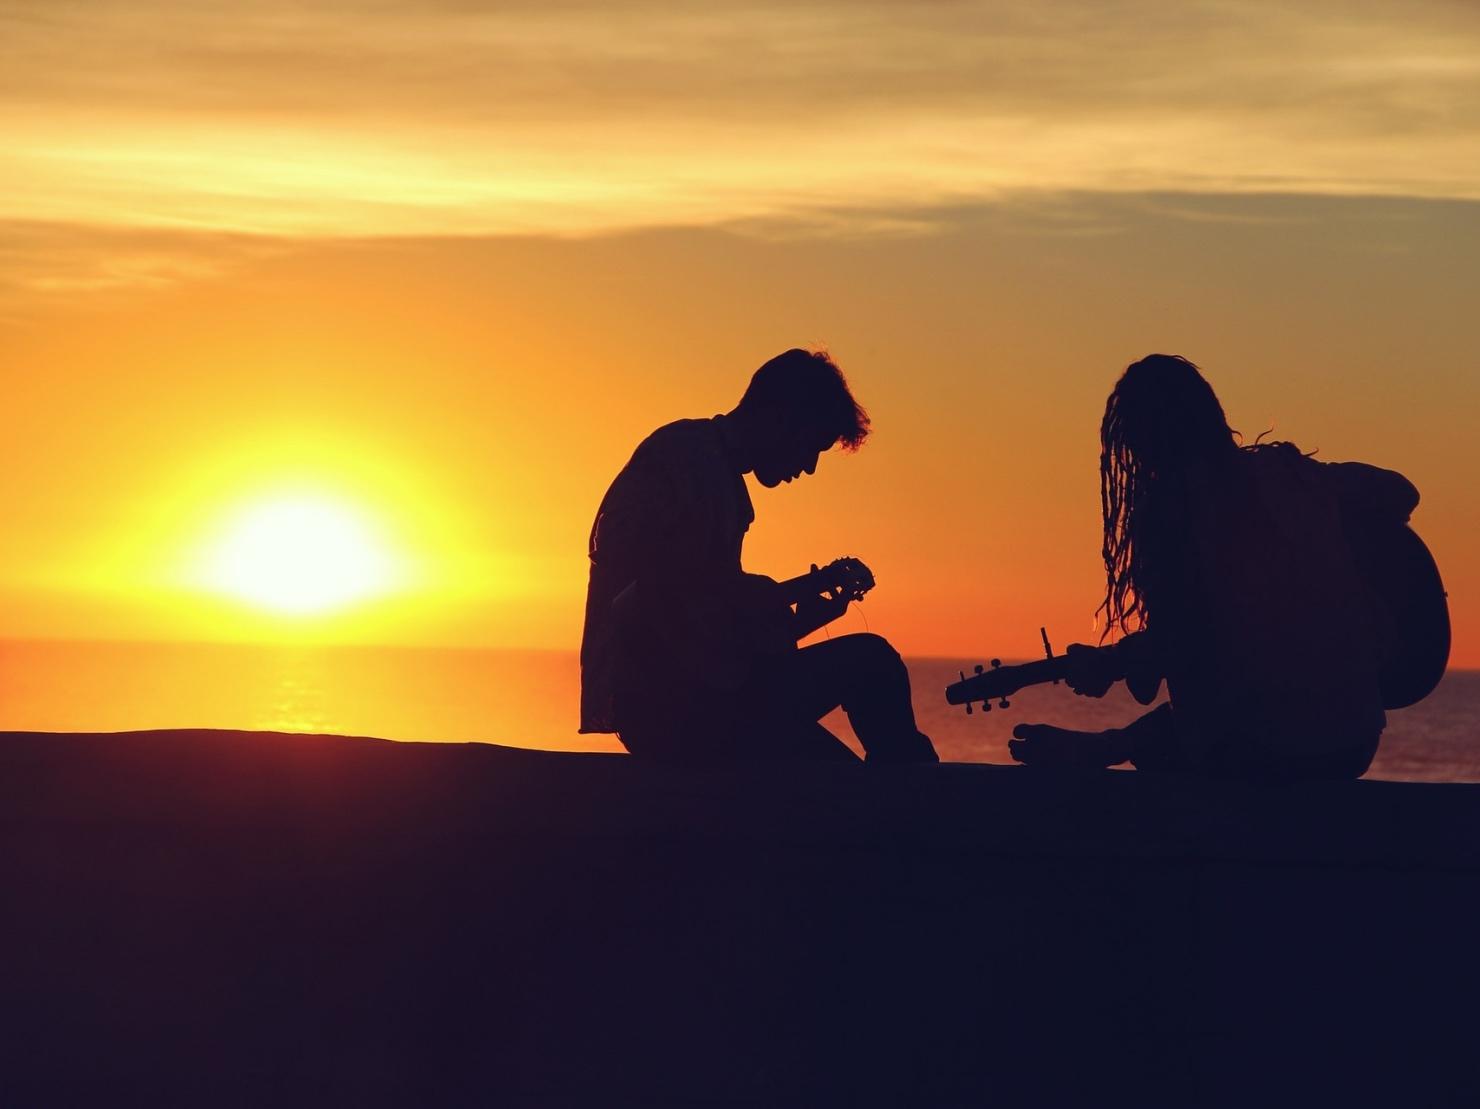 ギターを弾く2人の写真